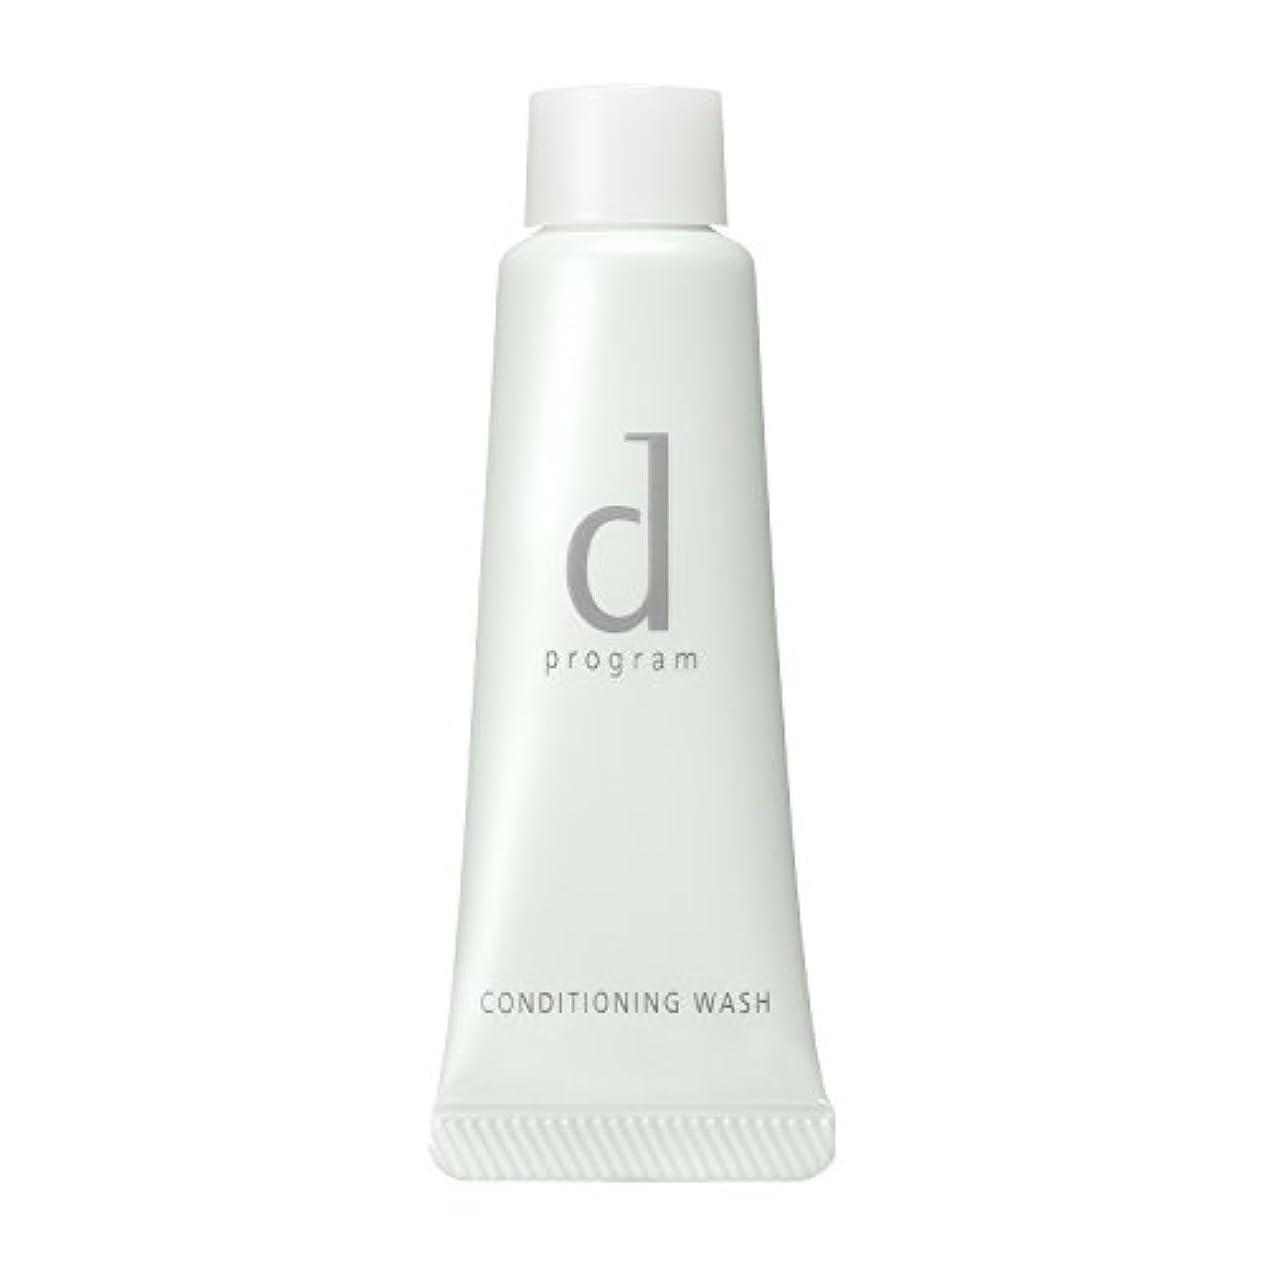 d プログラム コンディショニングウォッシュ 洗顔フォーム (トライアルサイズ) 20g